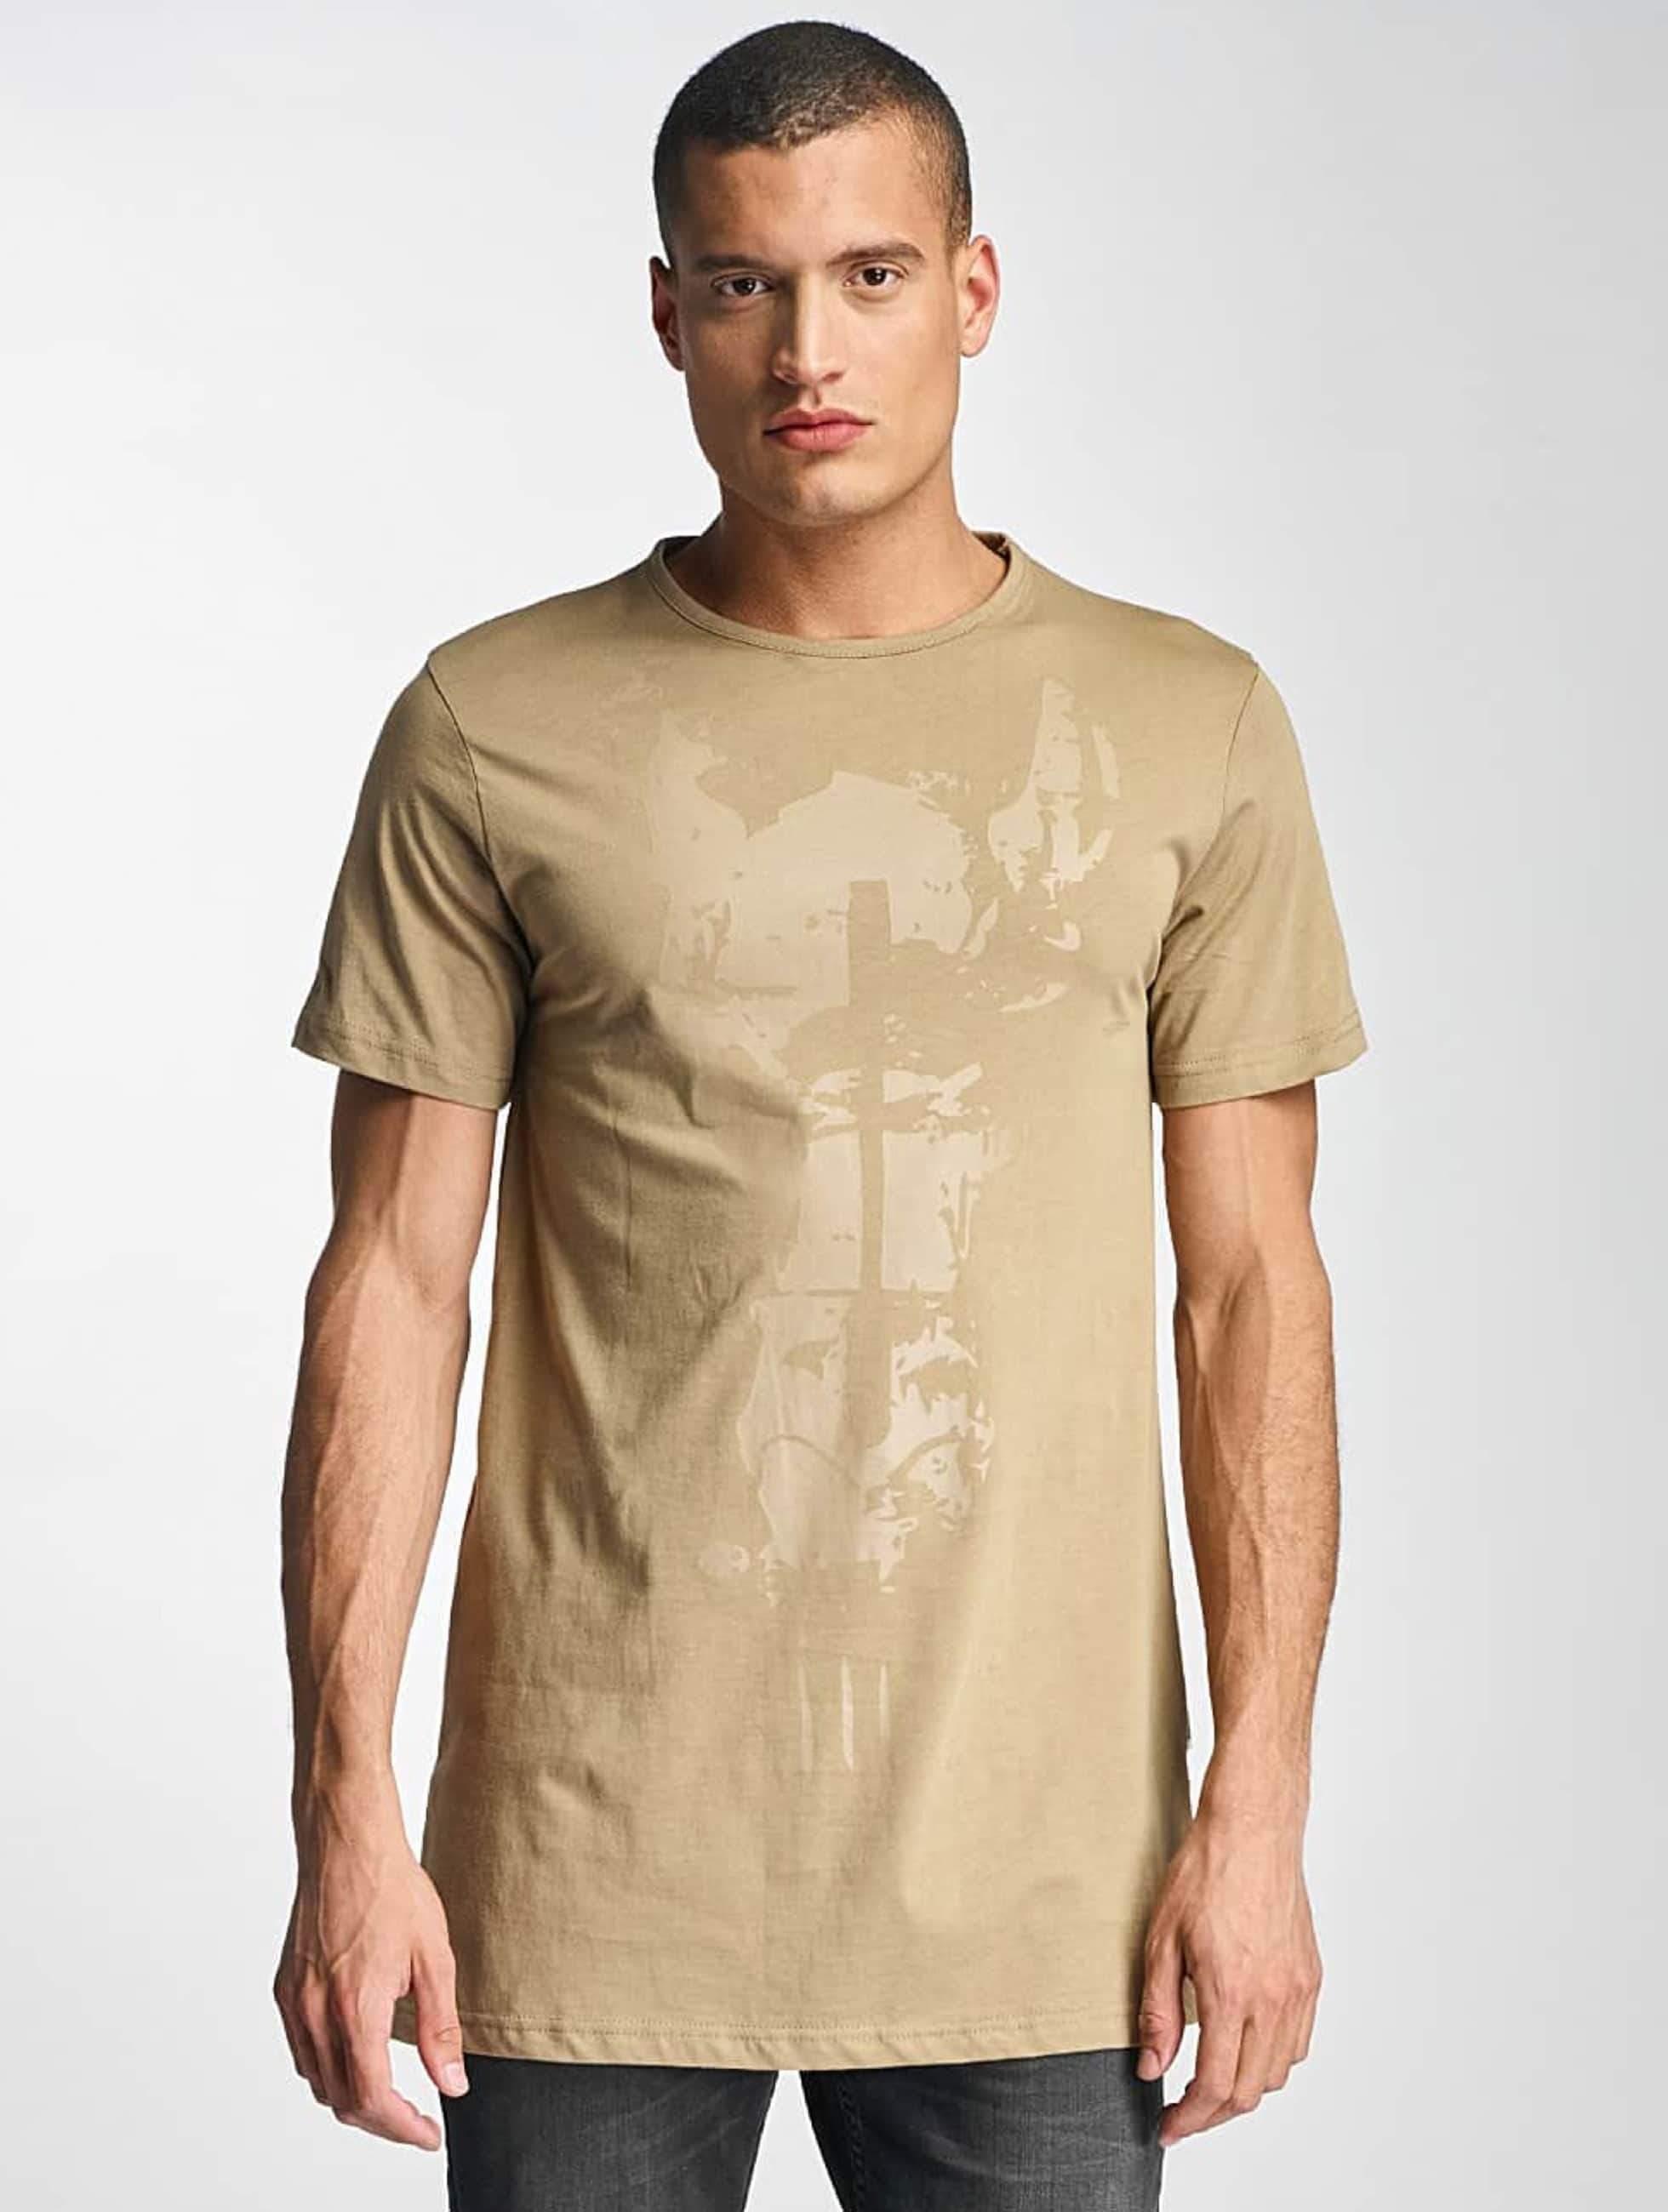 De Ferro / T-Shirt Streets in beige 2XL